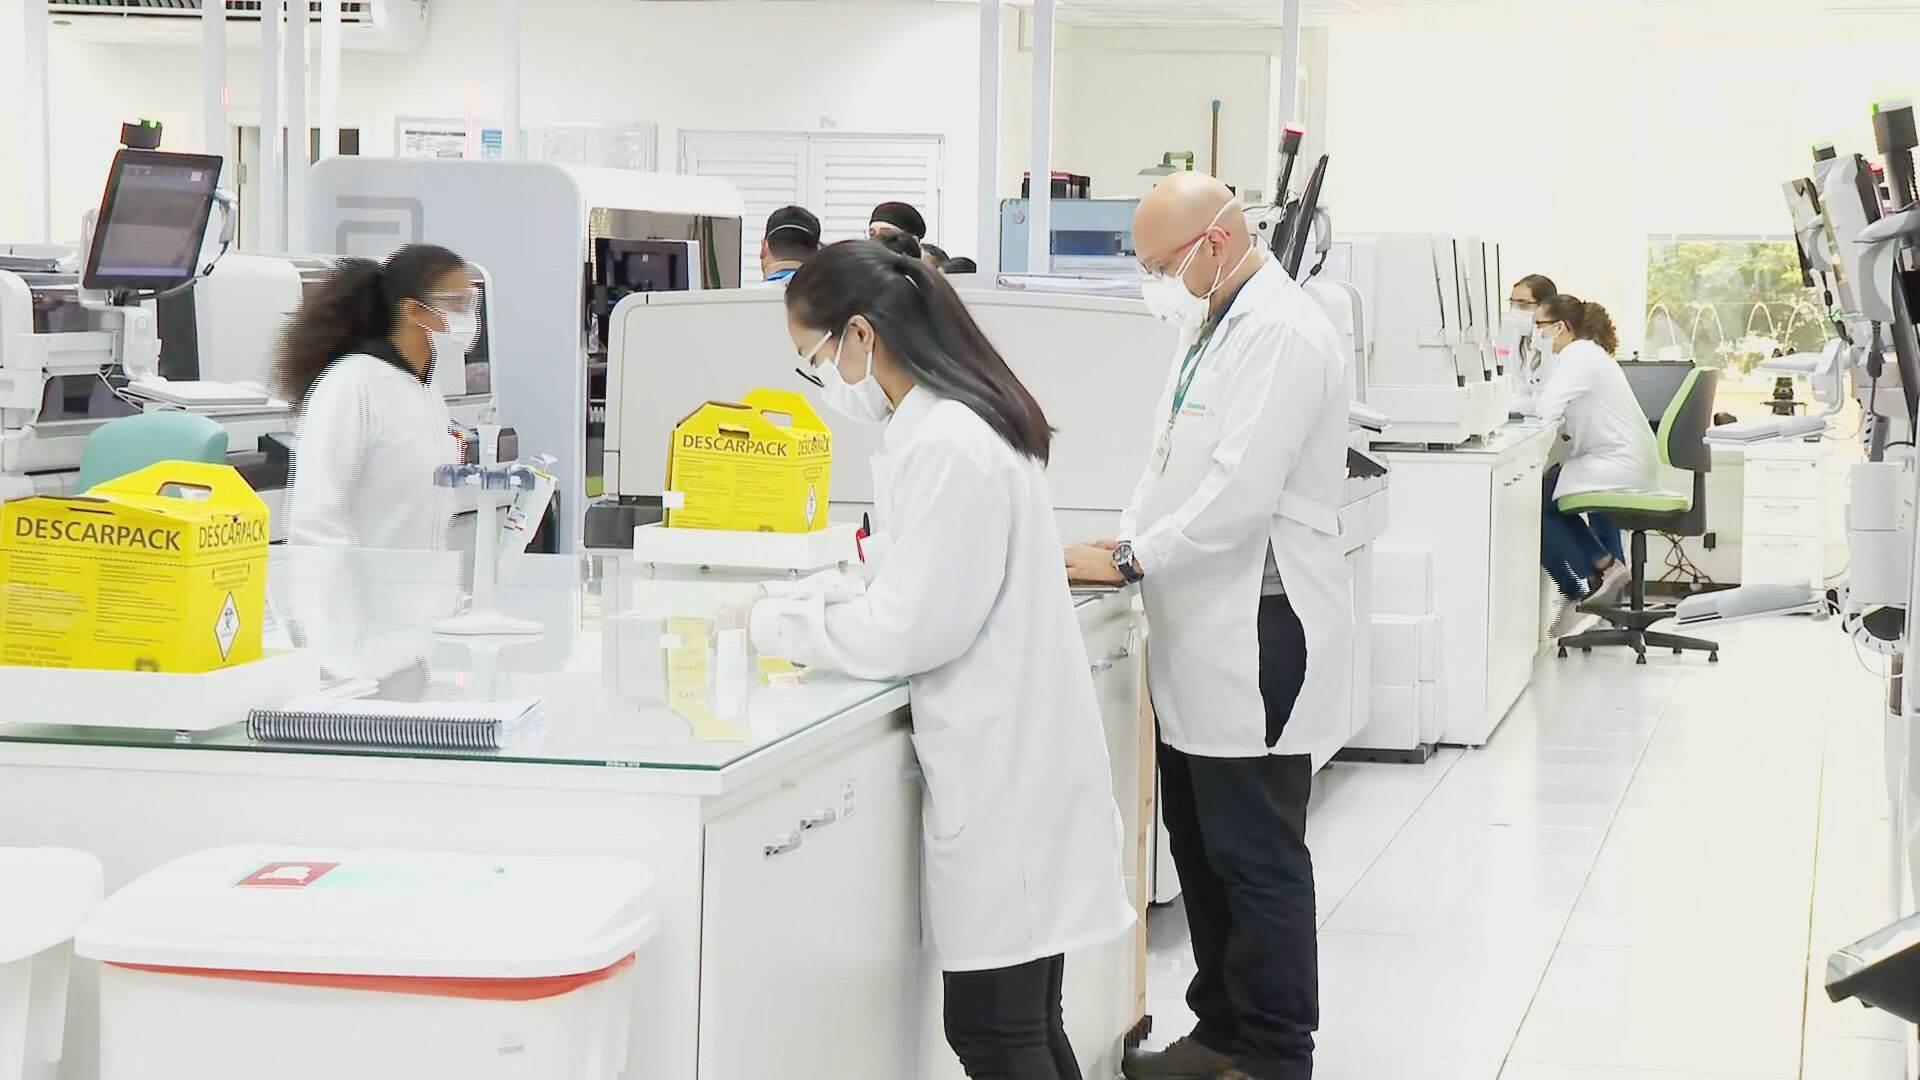 Testes de laboratório identificam pacientes com variantes da Covid-19 (29.Mai.21